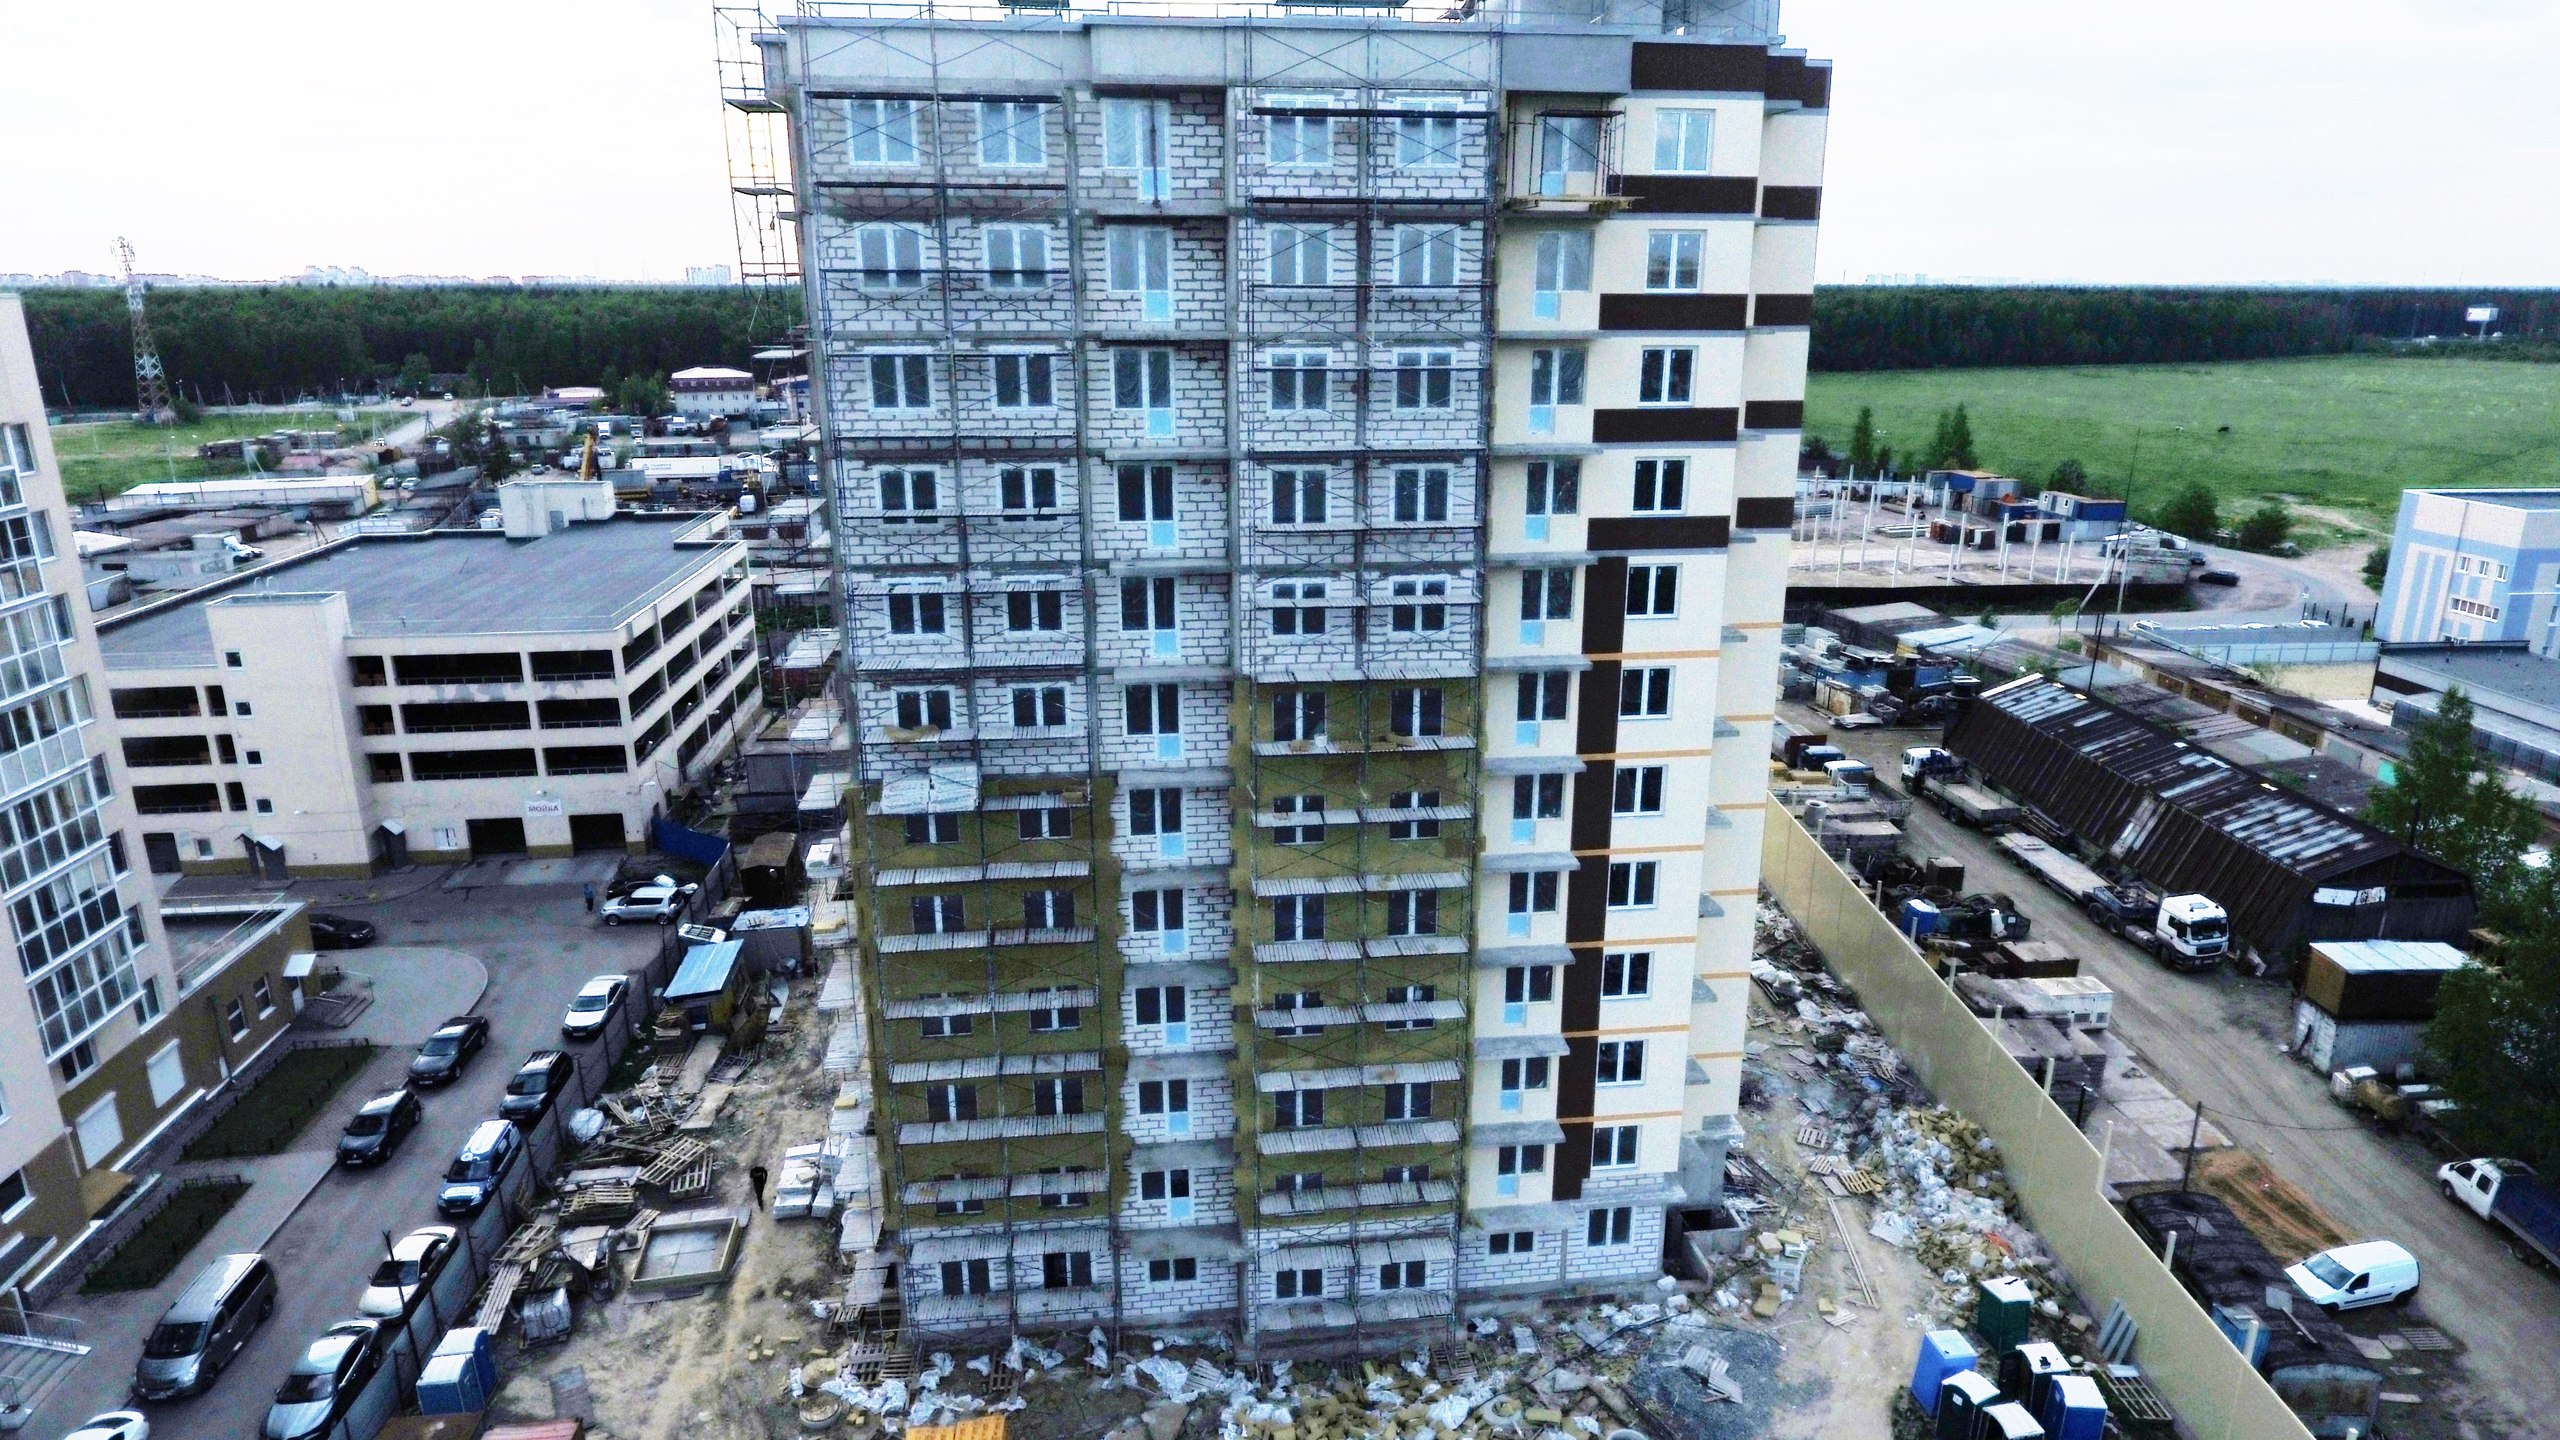 Северо-западная строительная компания аозт в Ижевске строительная компания луч тИжевск вакансии